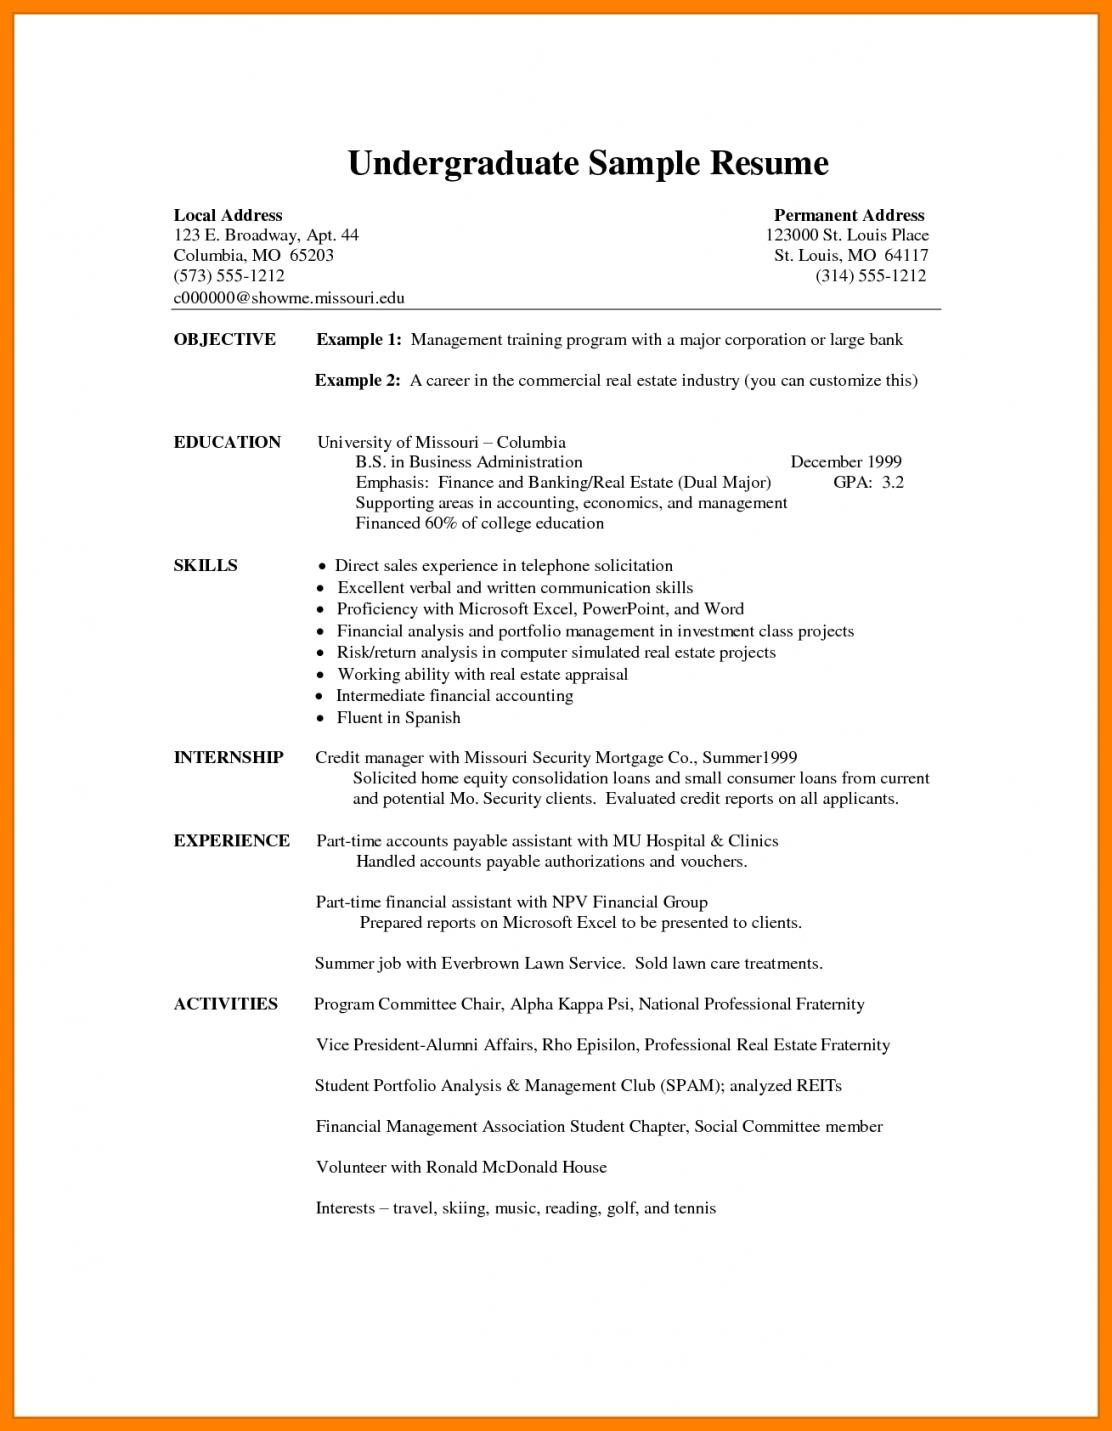 Cv Template Undergraduate